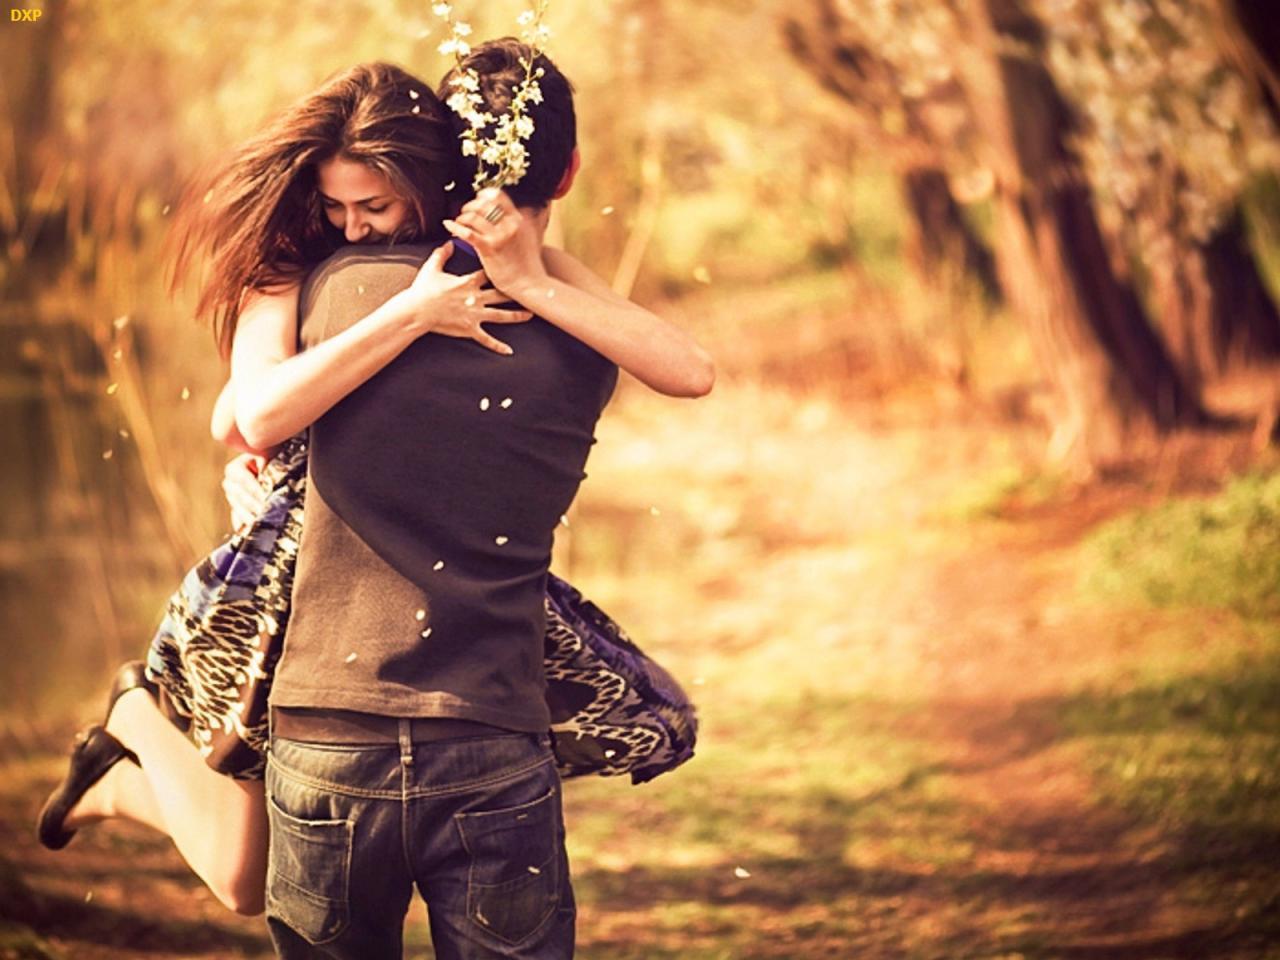 صورة صور للعشاق روعه , لحظات الحب المصوره